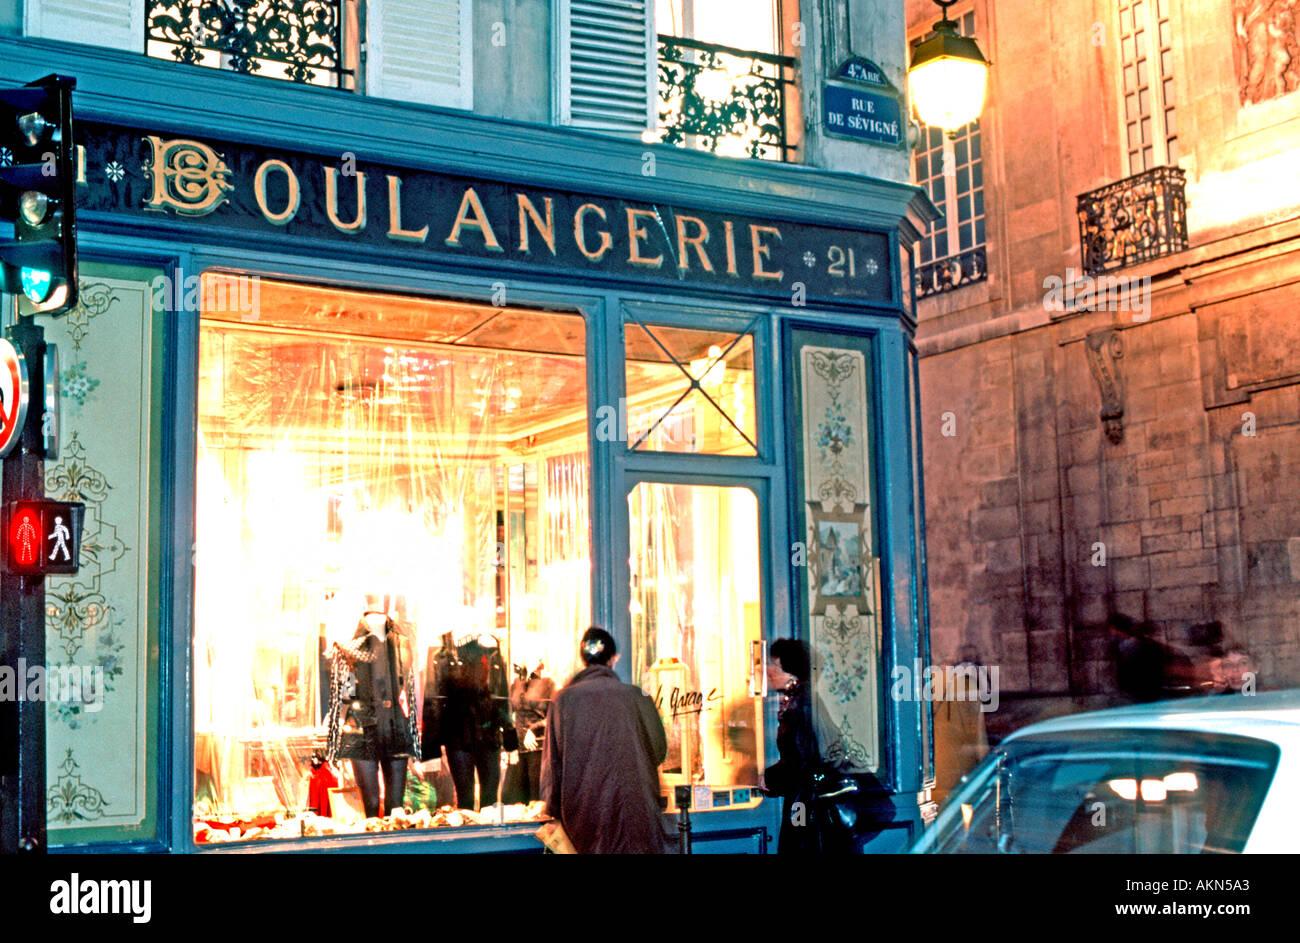 Paris France,  Boulangerie People Looking Shop Window, Old Shop front Clothing Store,  Le Marais, vintage signs - Stock Image